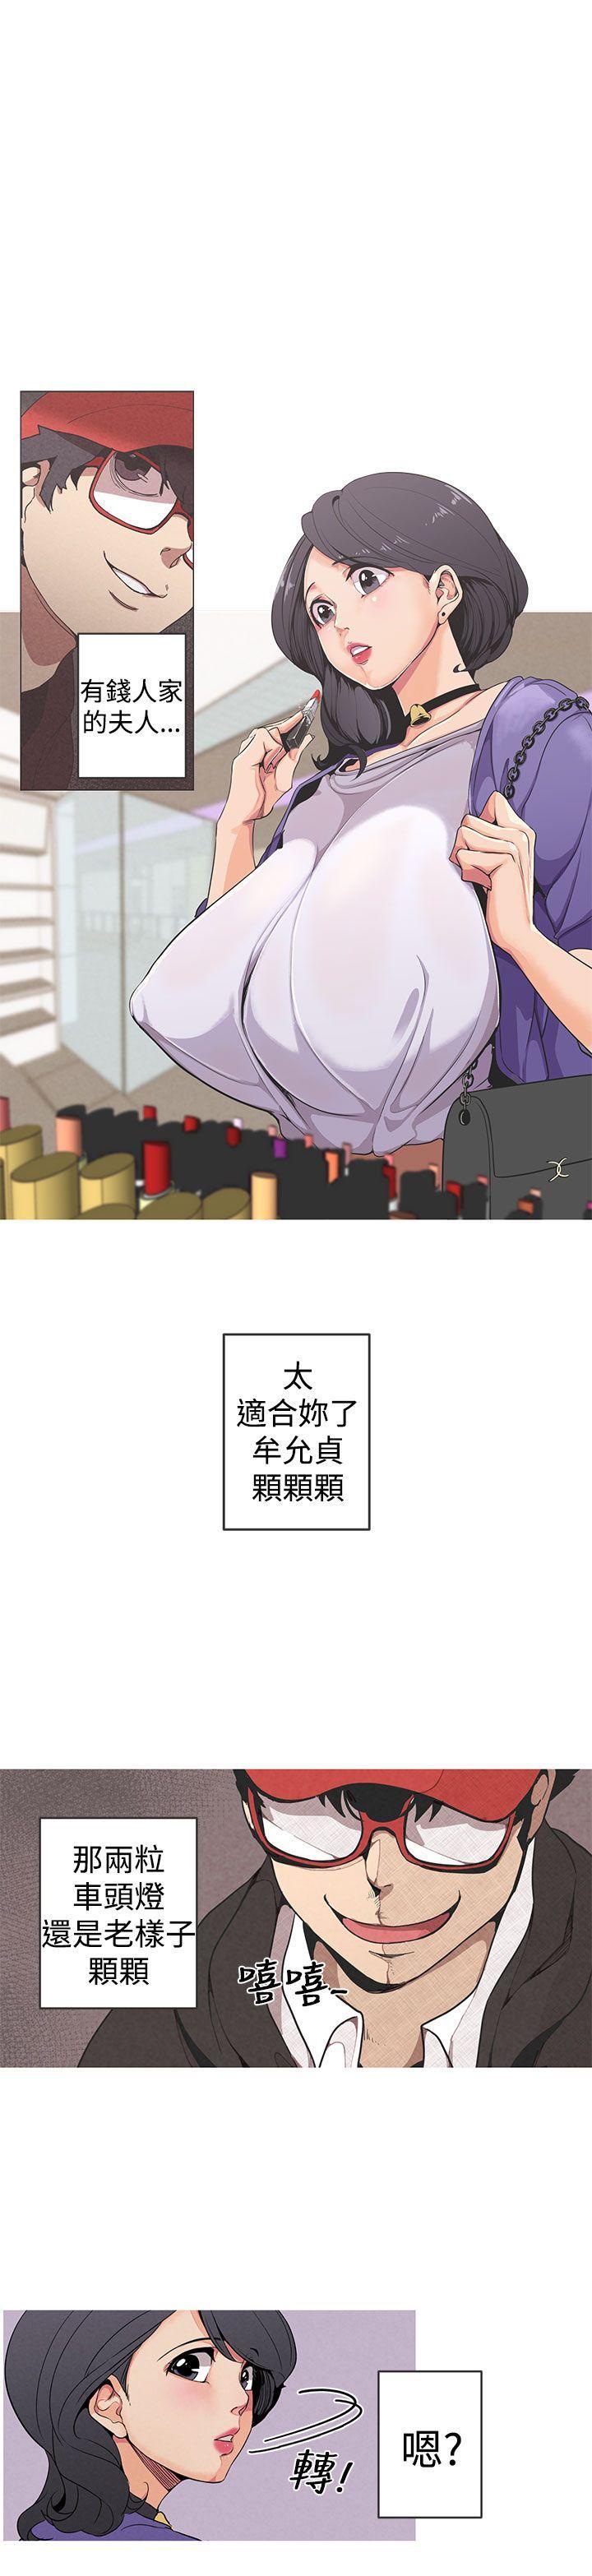 女神狩猎 第1~3話 [Chinese]中文 Harc 4